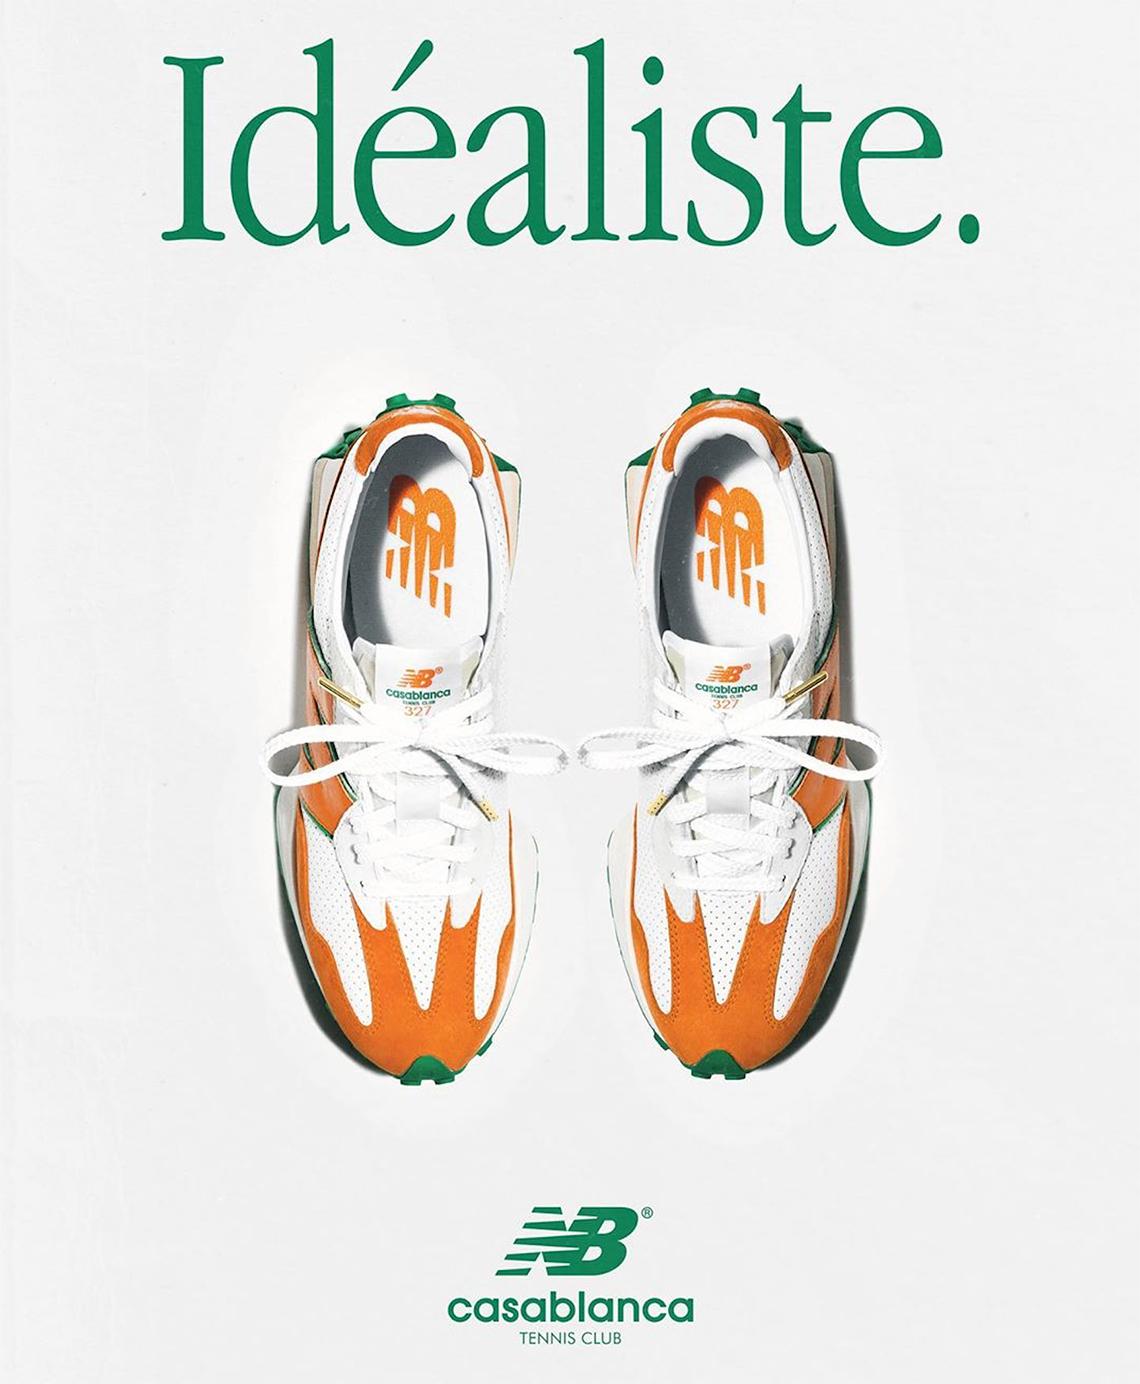 giay sneaker_nb 327 idealiste sneakersnew